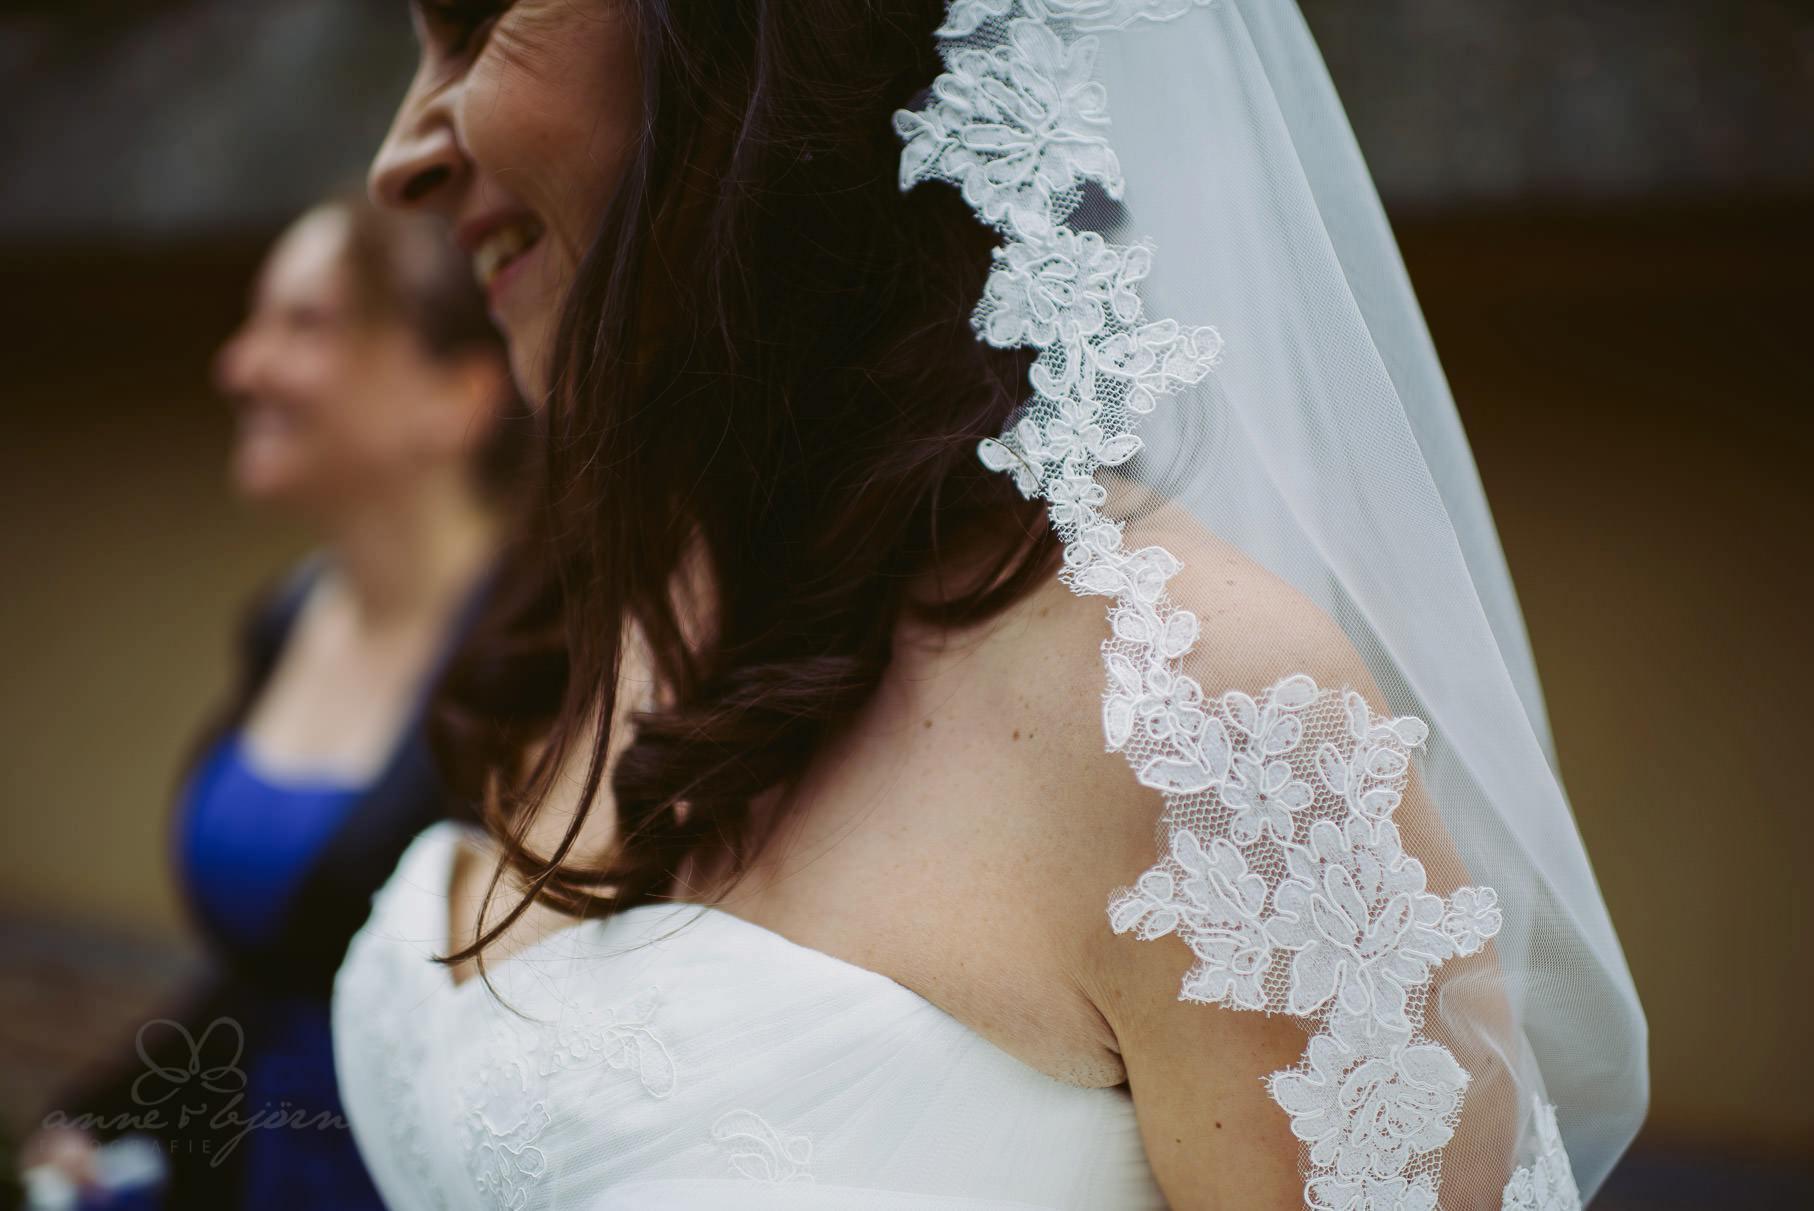 0035 aub 812 9296 - Hochzeit auf Gut Thansen - Anja & Björn